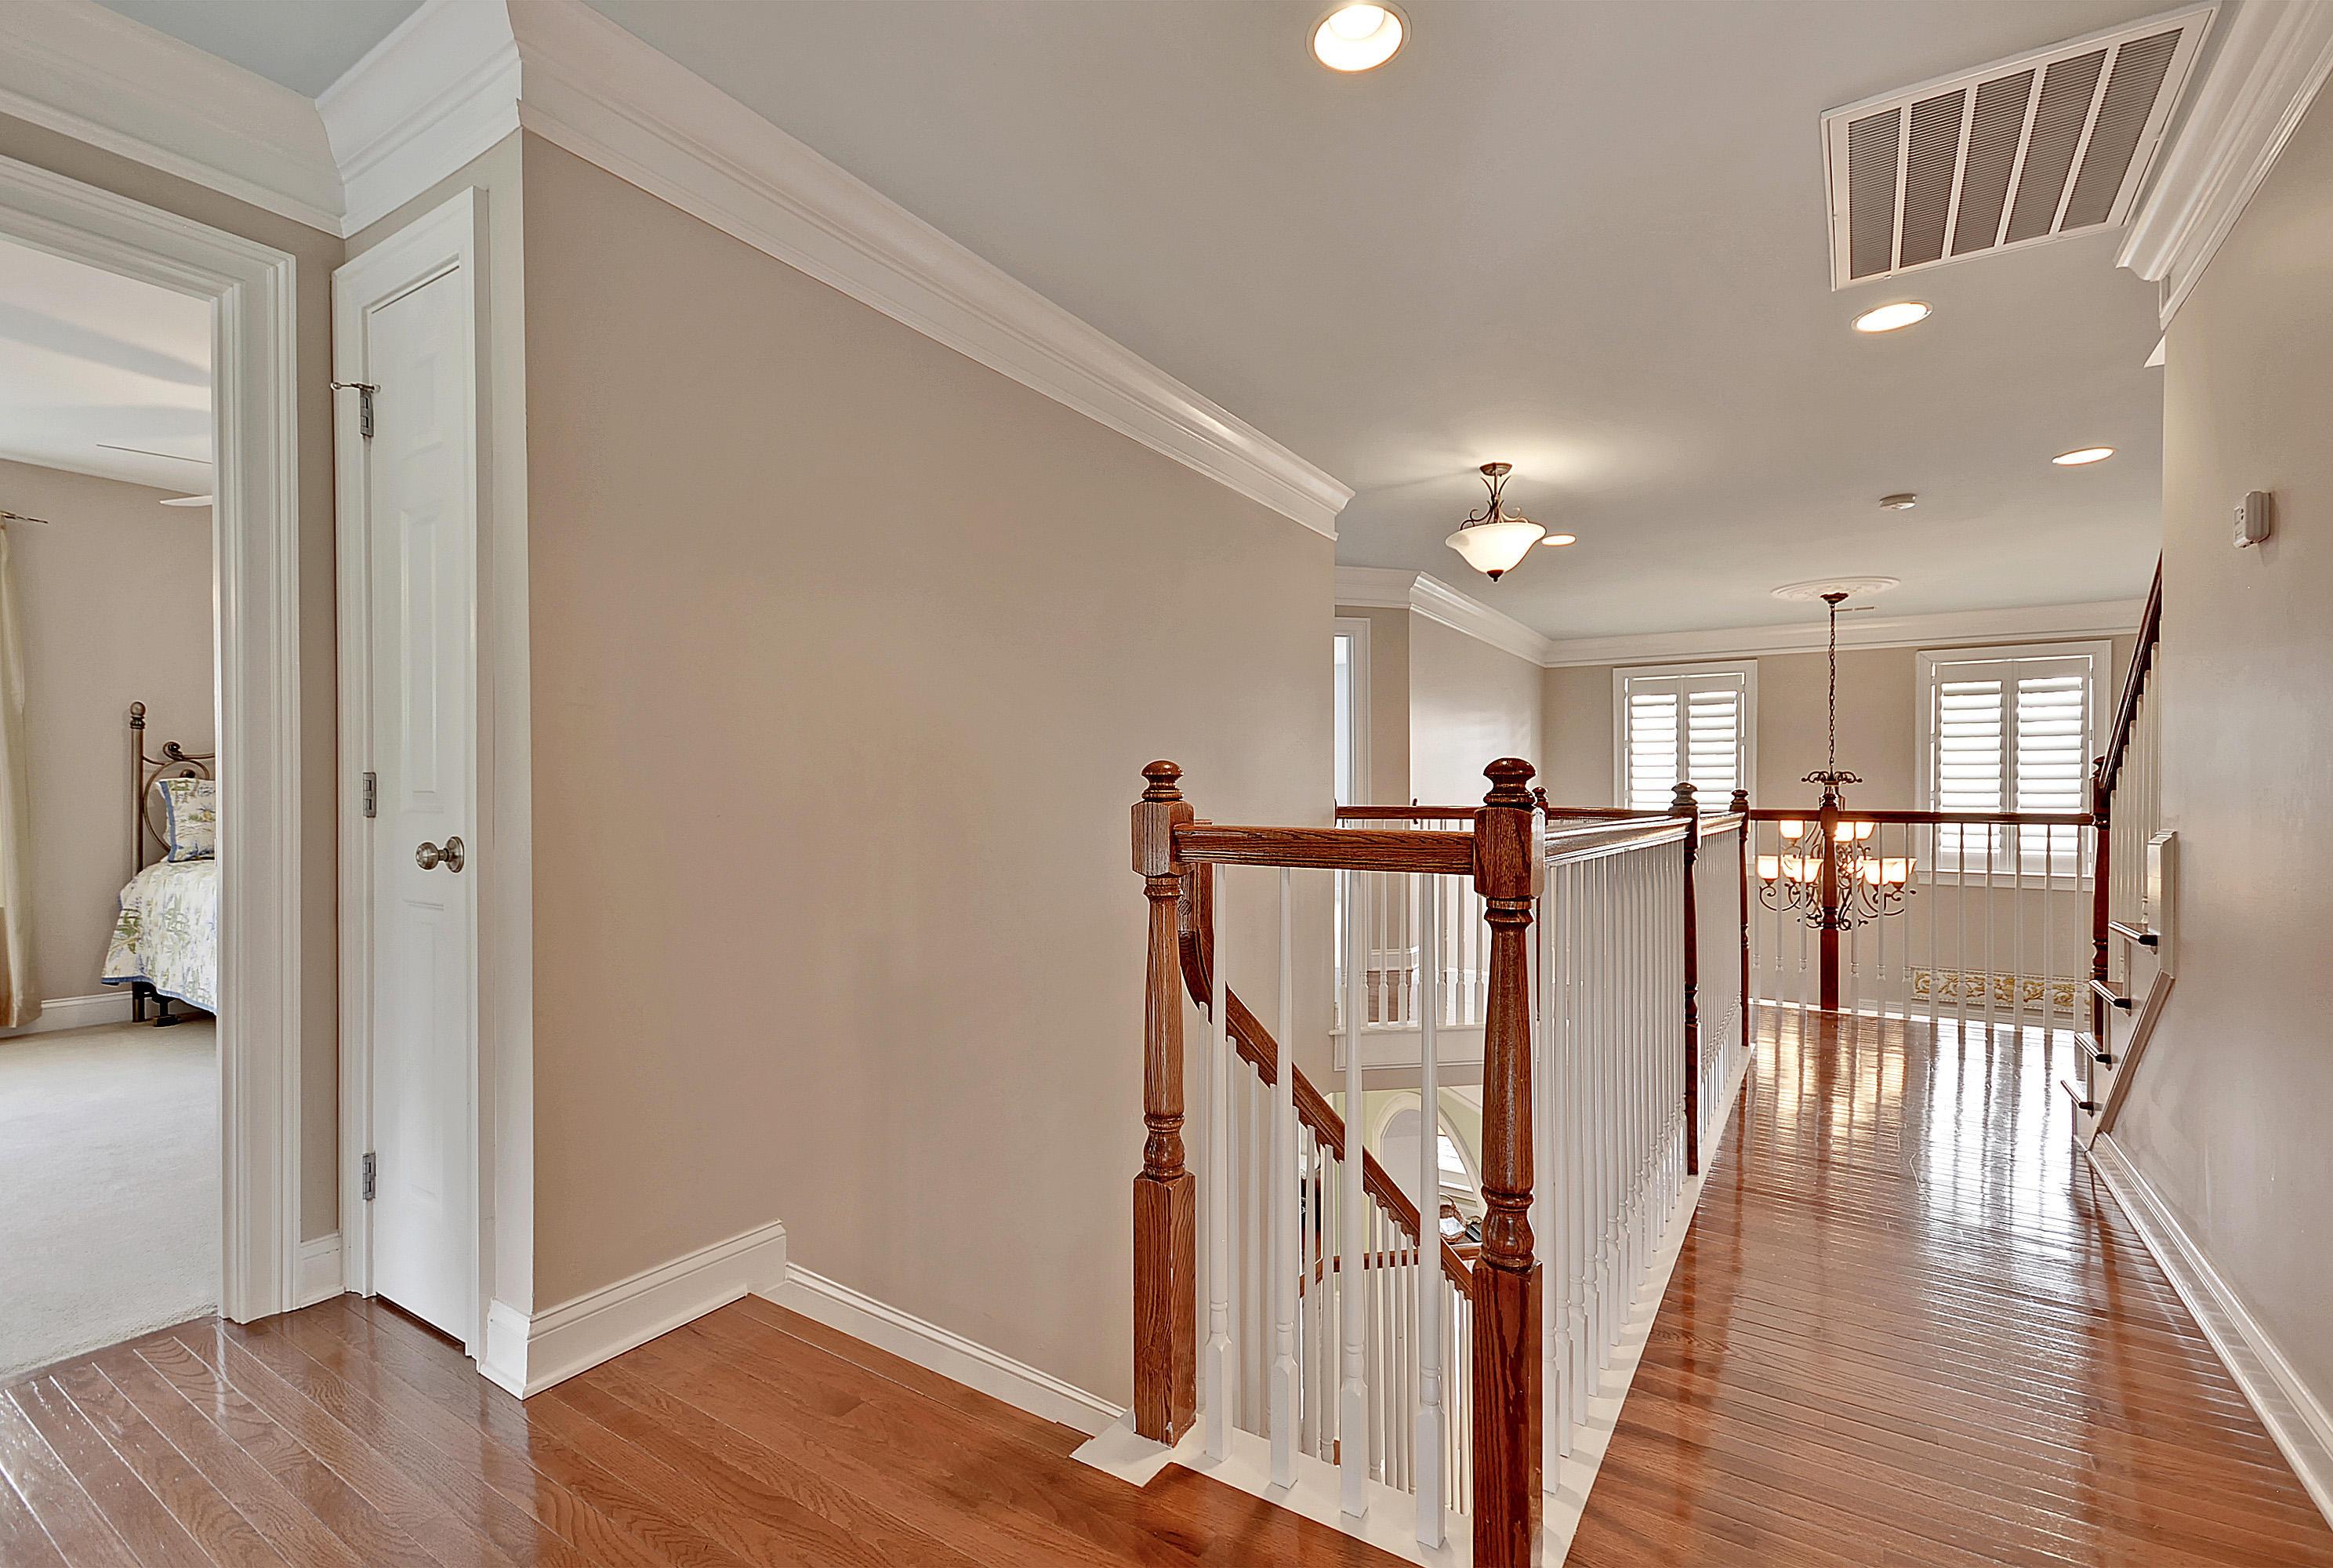 Dunes West Homes For Sale - 2708 Oak Manor, Mount Pleasant, SC - 2